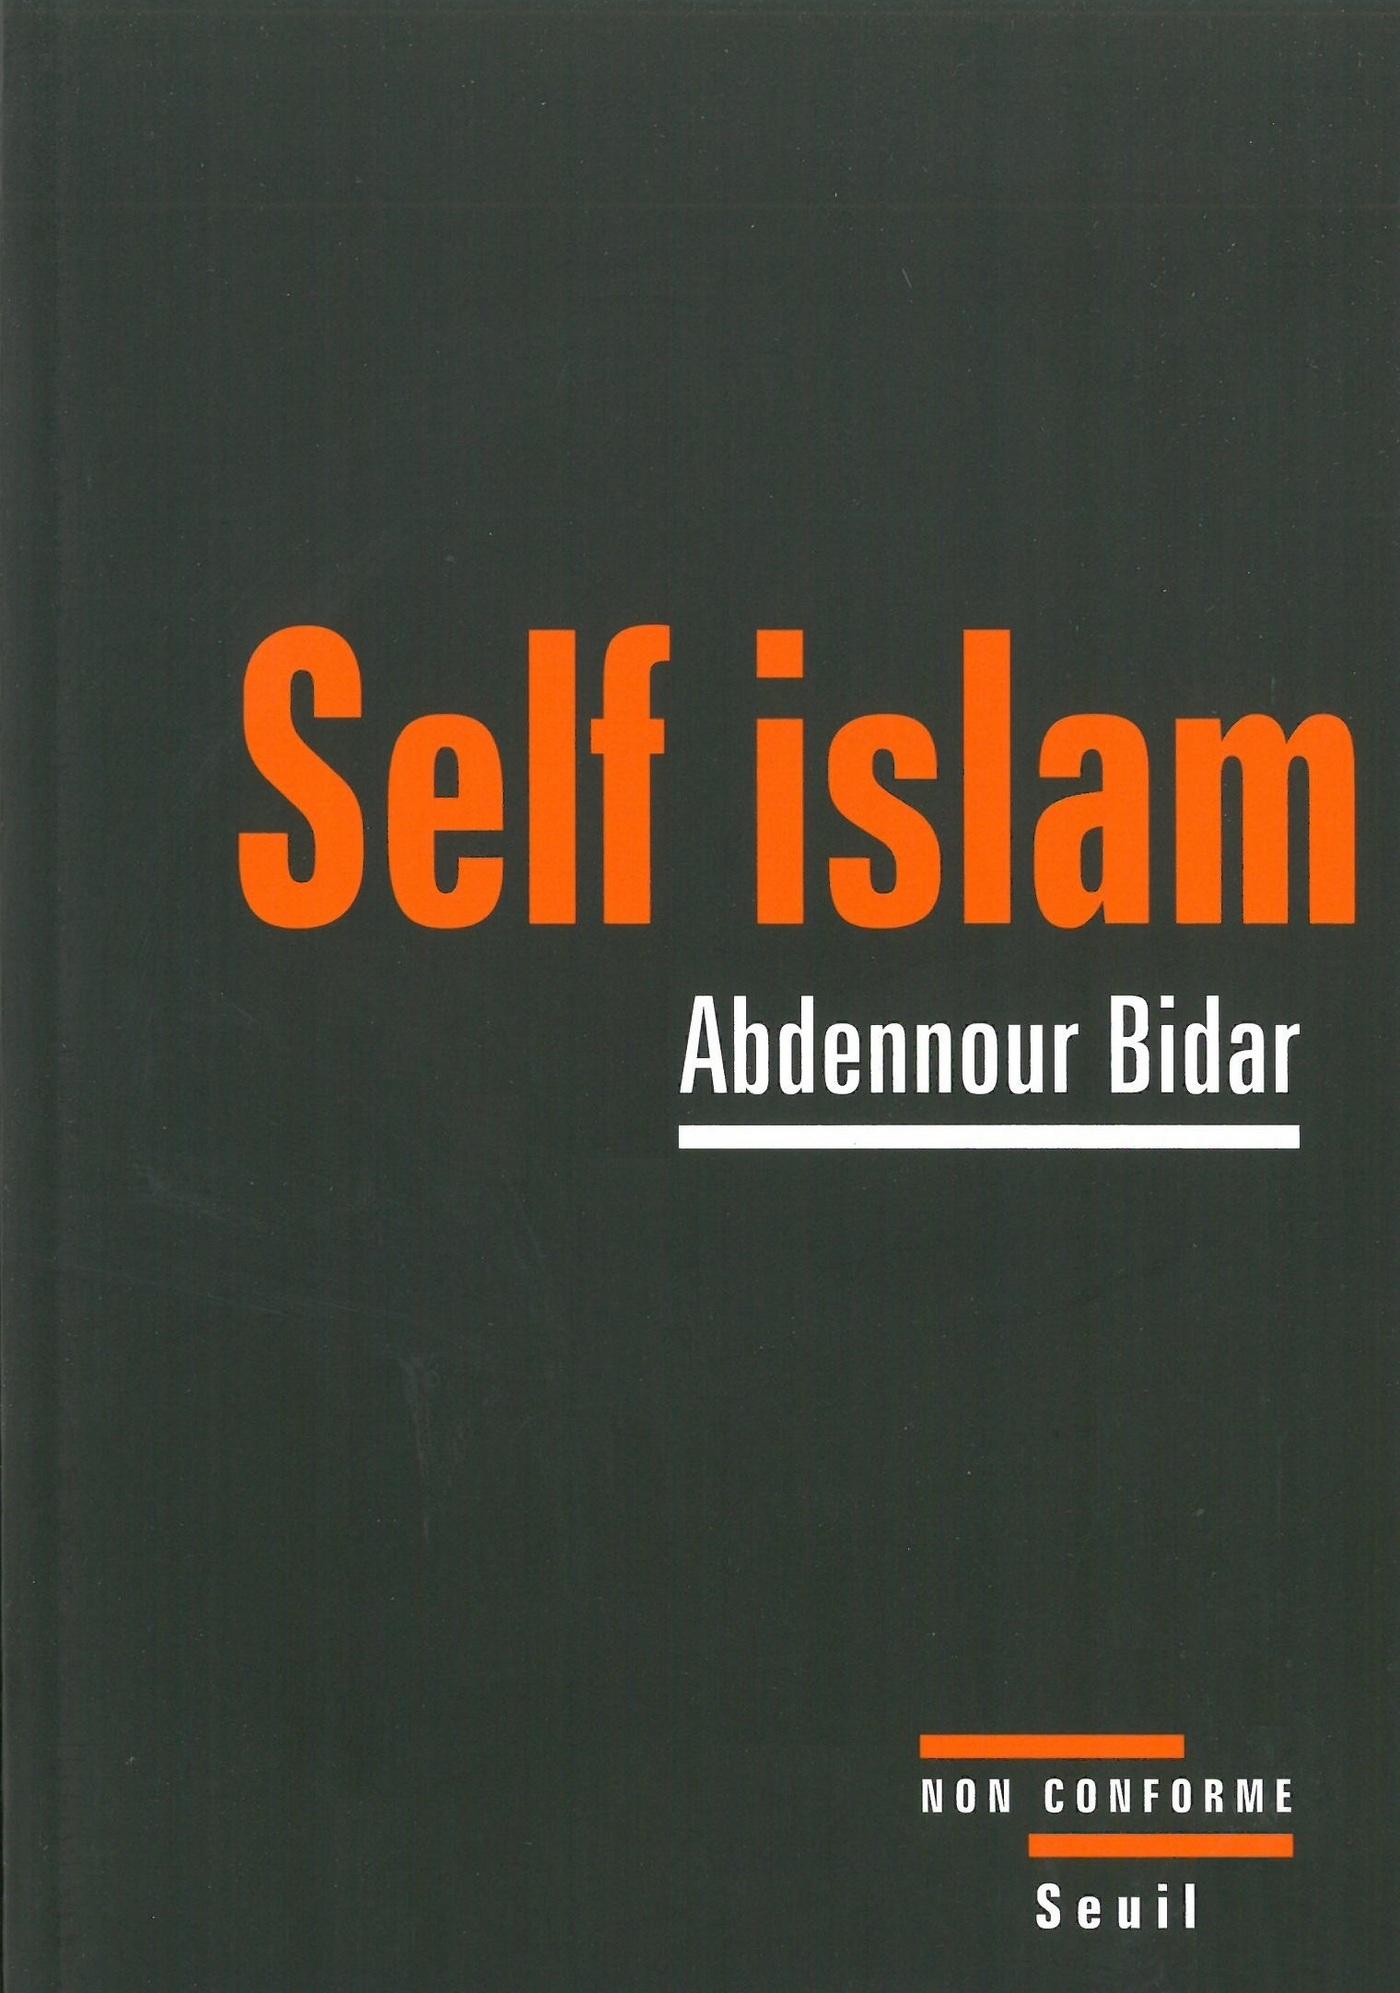 Self islam